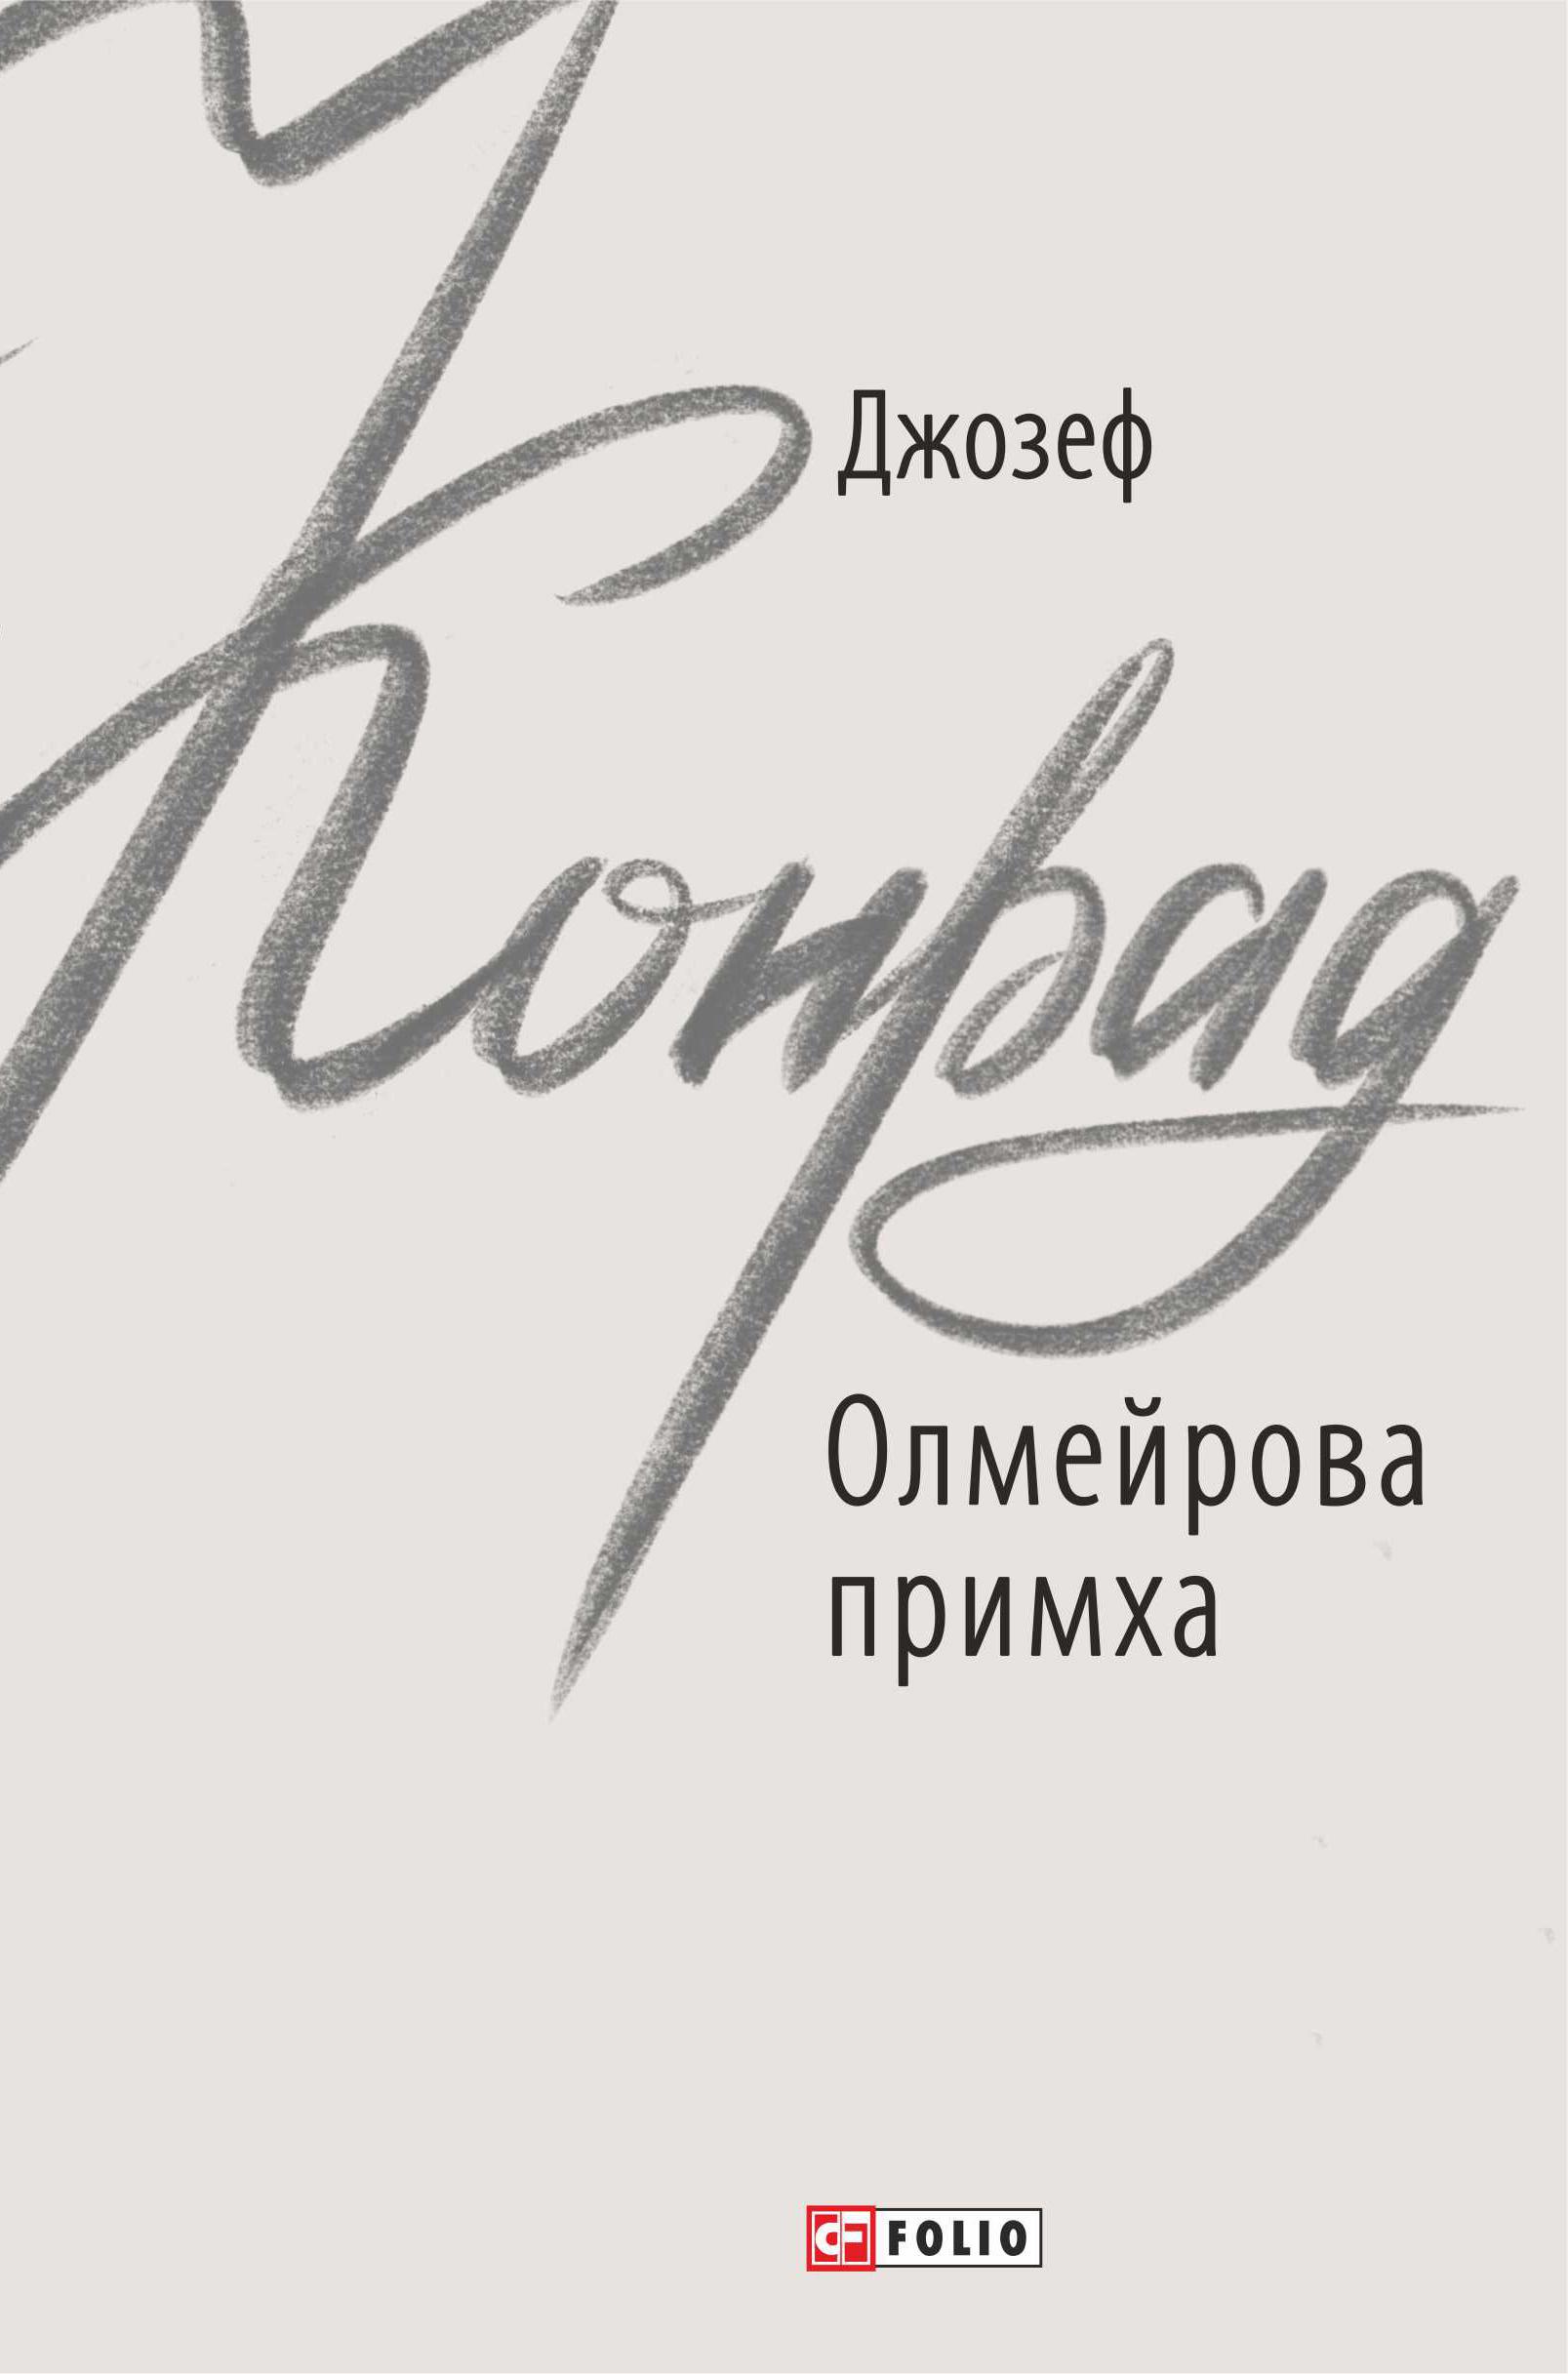 olmeyrova primkha